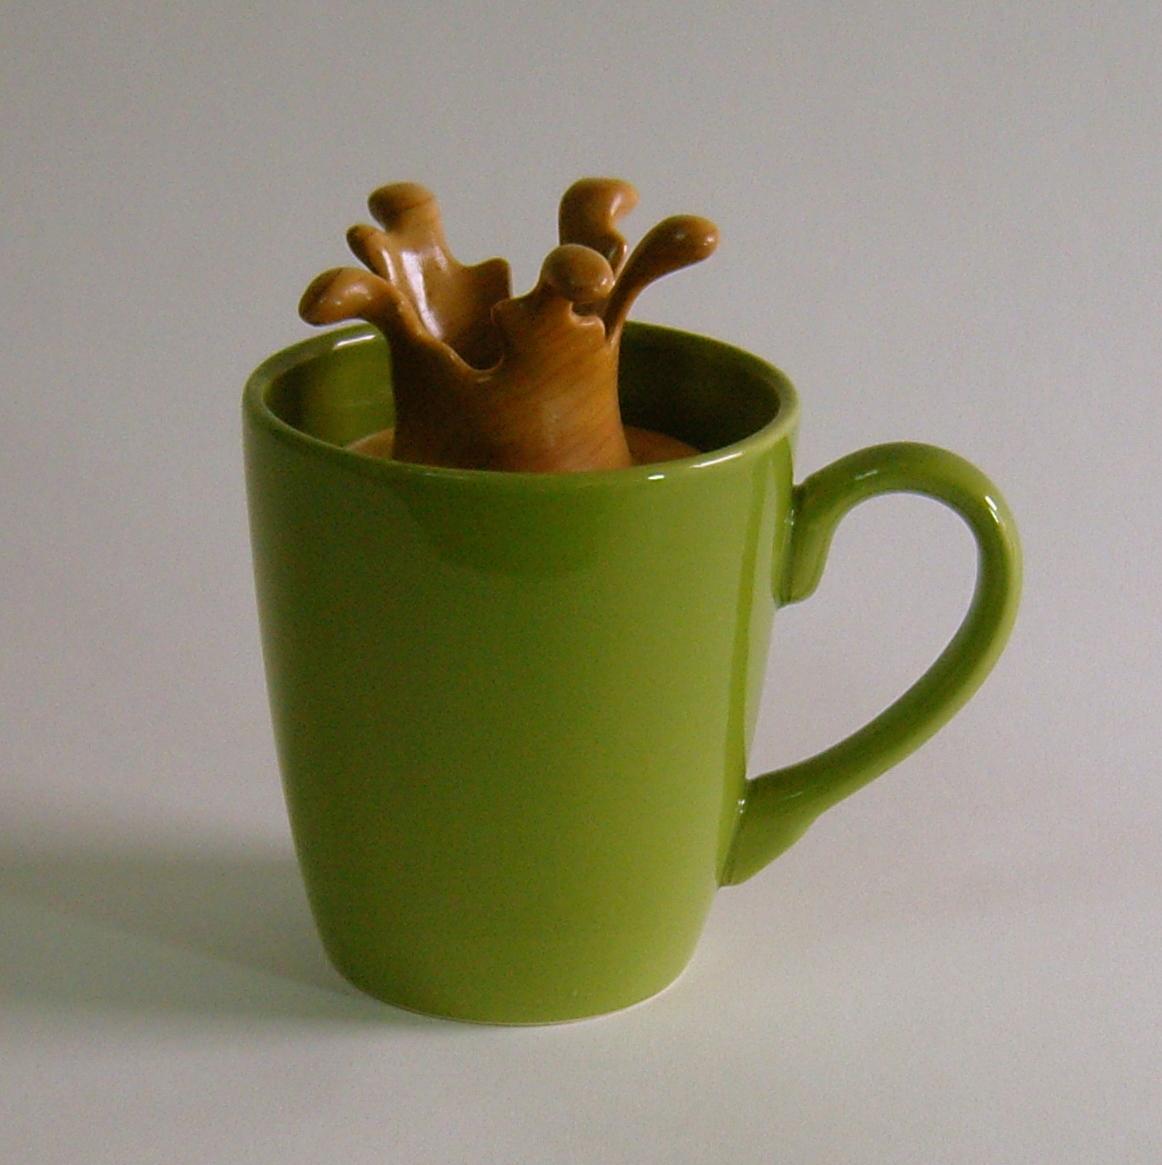 """Splash Series #14  5.5""""W x 3.75""""D x 5.5""""H  Maple, Walnut, Ceramic Cup.  SOLD"""